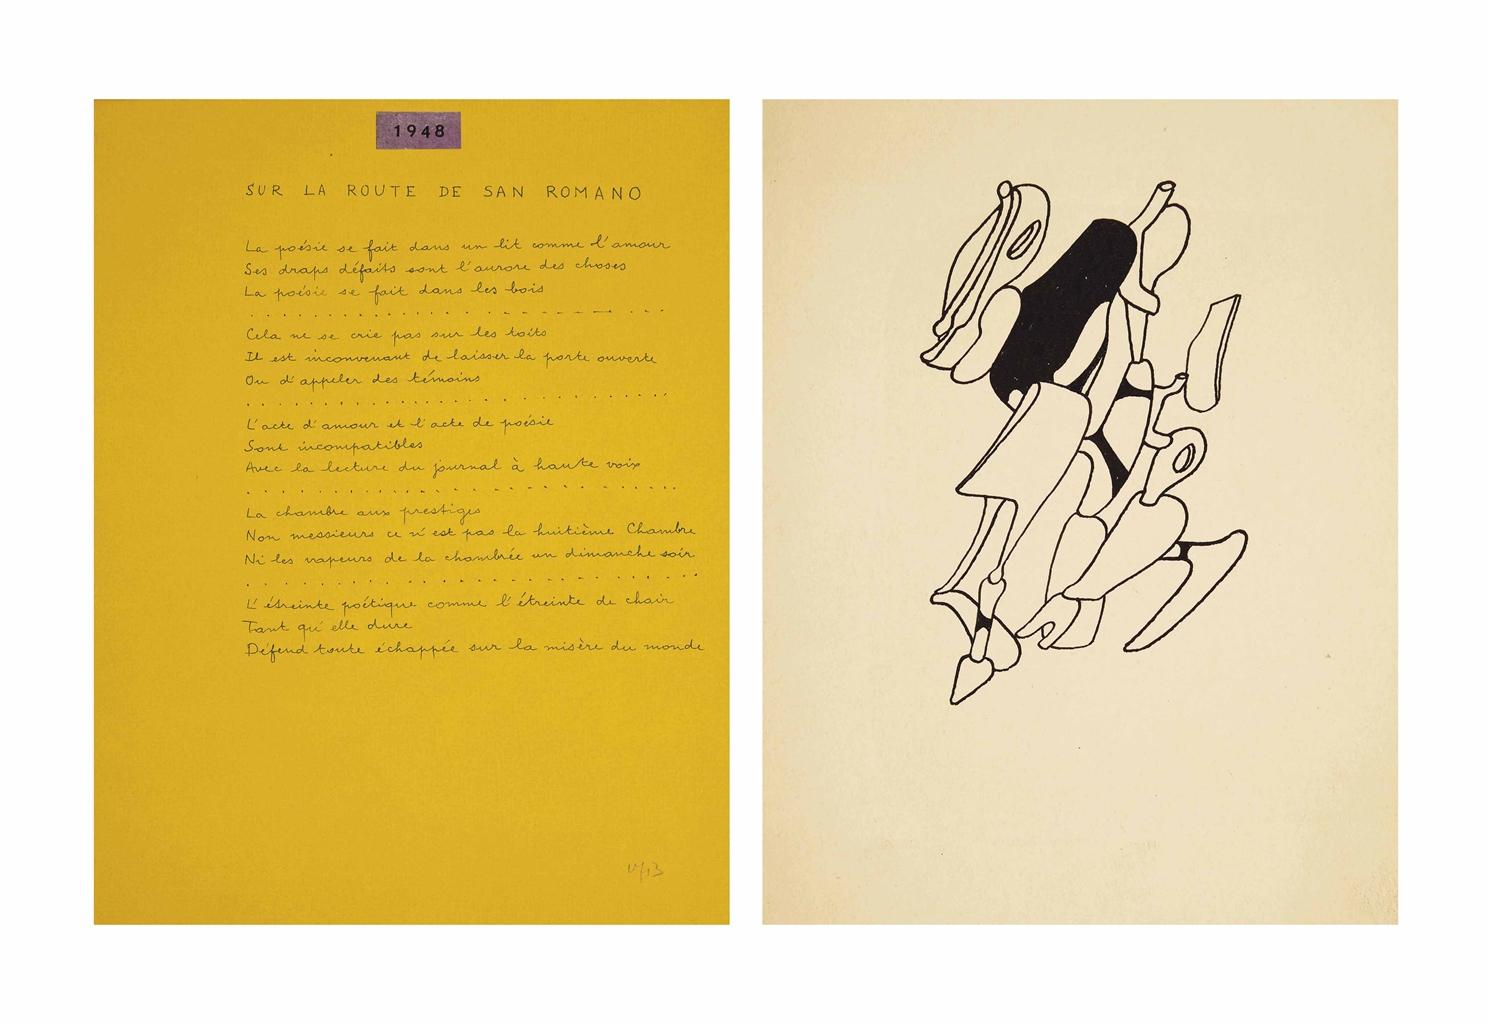 André BRETON (1896-1966) & Yves TANGUY (1900-1955). Volière. New York: Pierre Matisse, [1963]. In-4 (278 x 200 mm). Fac-similé selon le procédé de Daniel Jacomet, de textes de Breton avec étiquettes de dates collées. Reproductions de 9 dessins de Tanguy (dont quelques uns à pleine page) sur différents papiers Canson de couleurs. En feuilles, couverture anthracite rempliée, chemise et étui assortis.